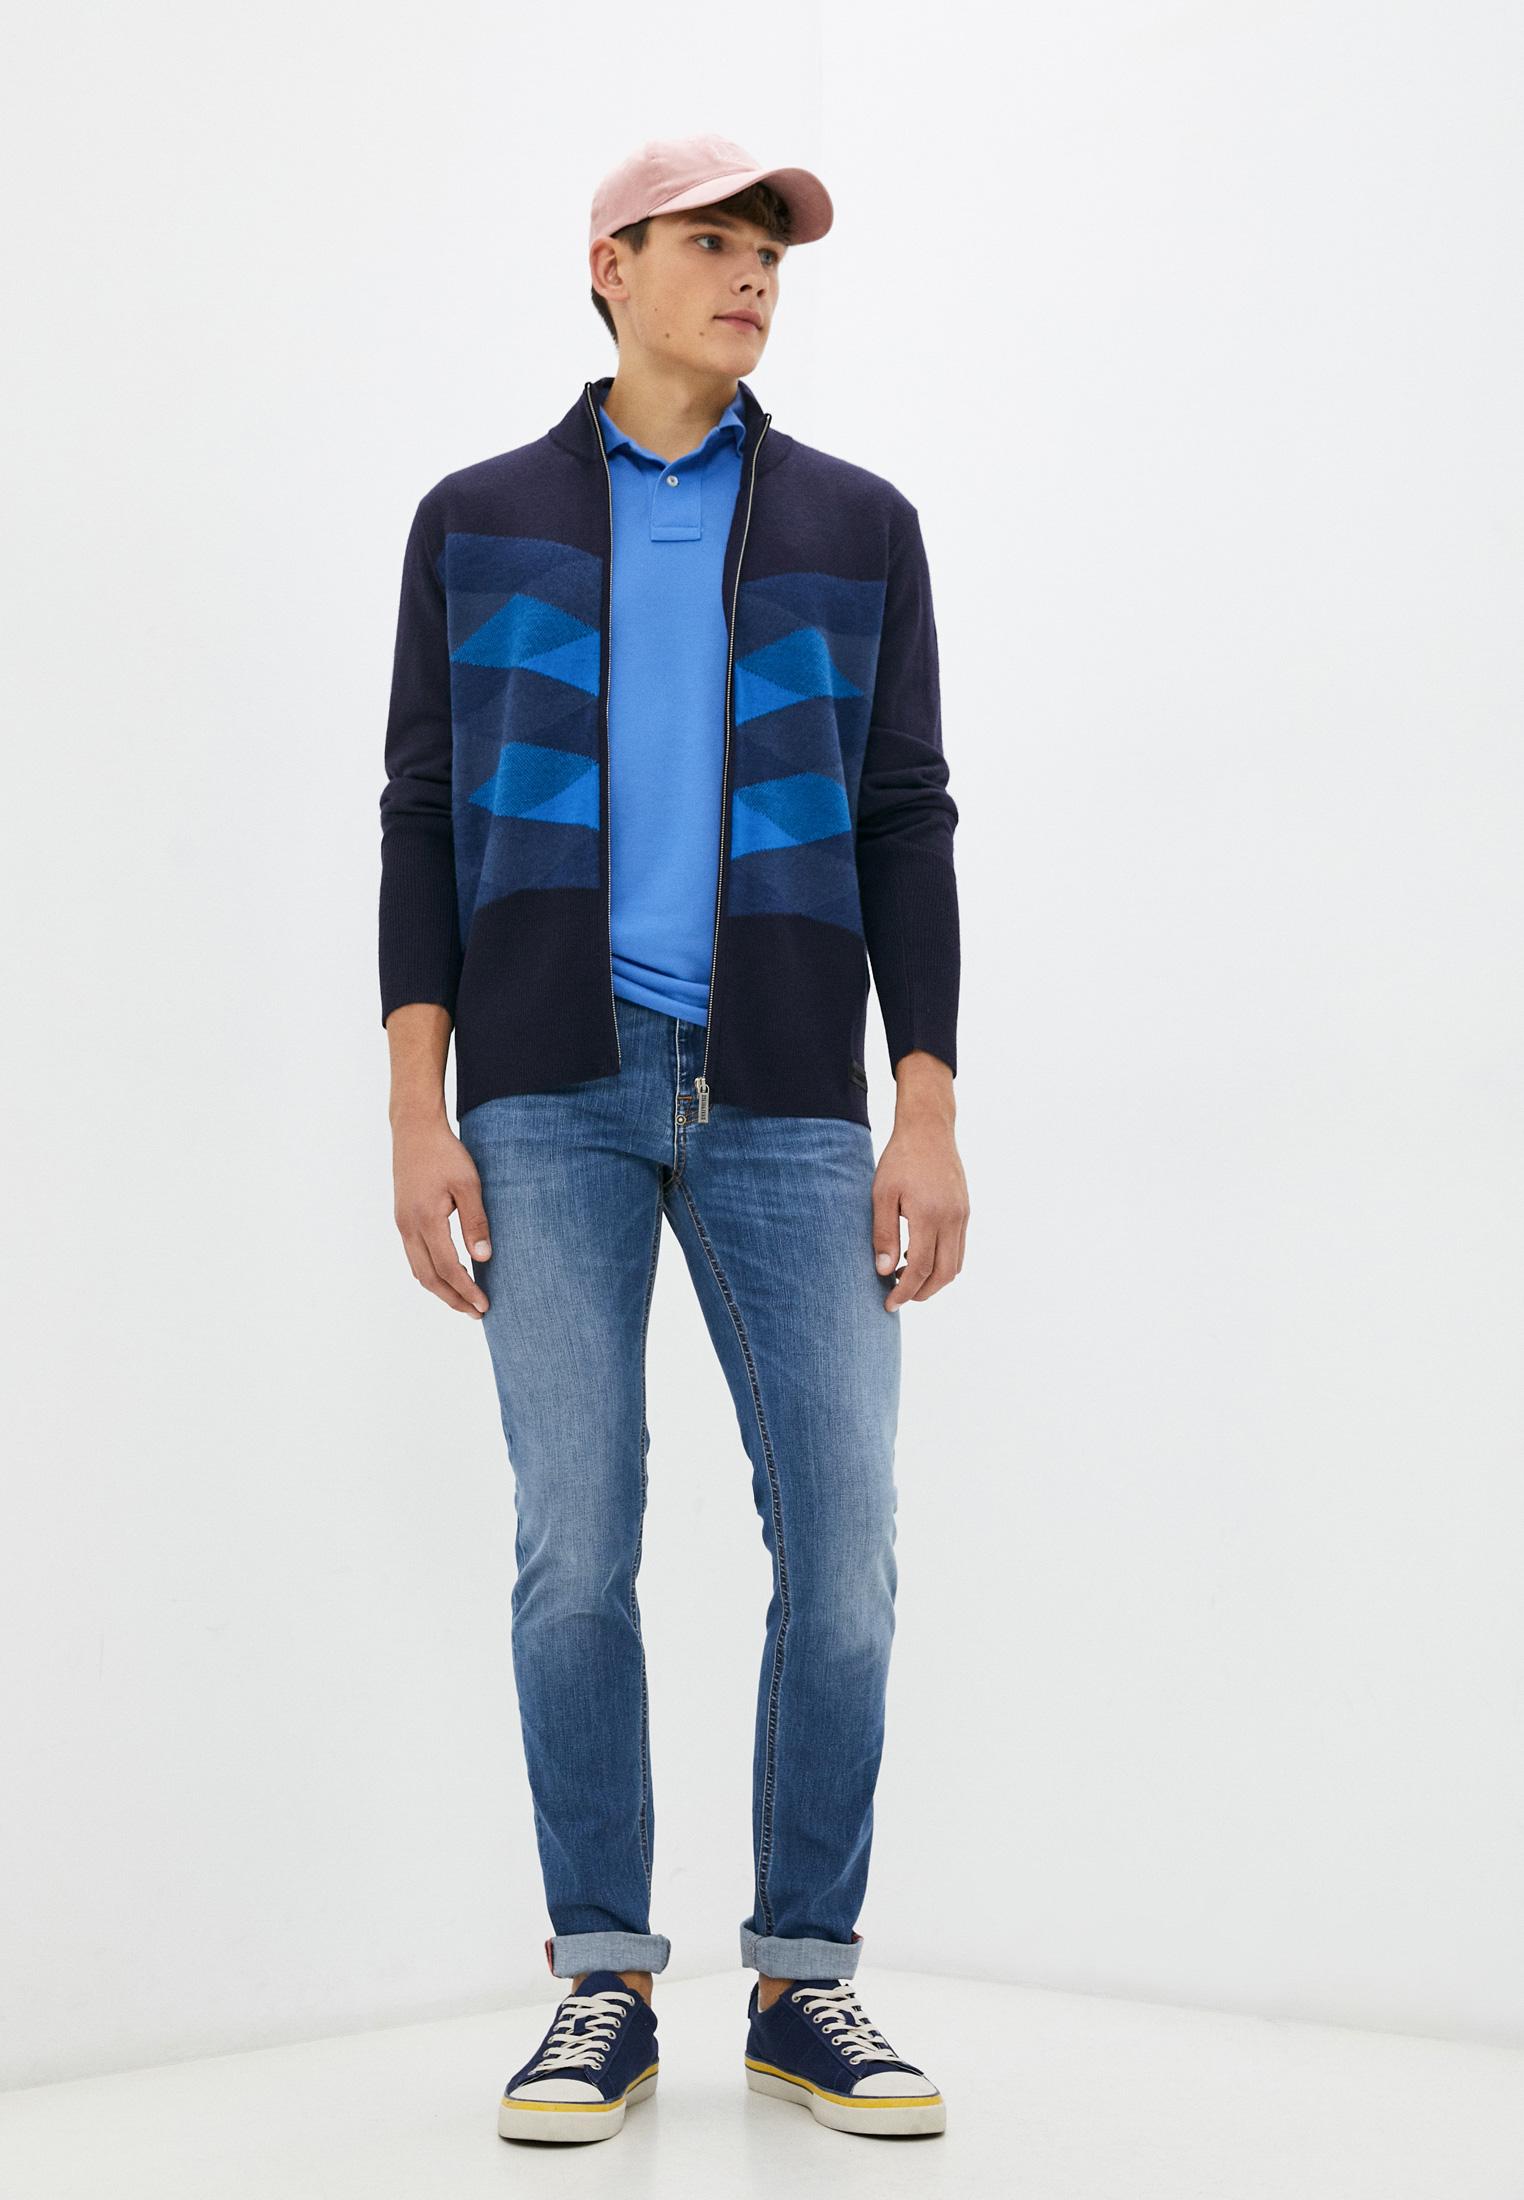 Мужские зауженные джинсы Bikkembergs (Биккембергс) C Q 101 05 S 3337: изображение 3